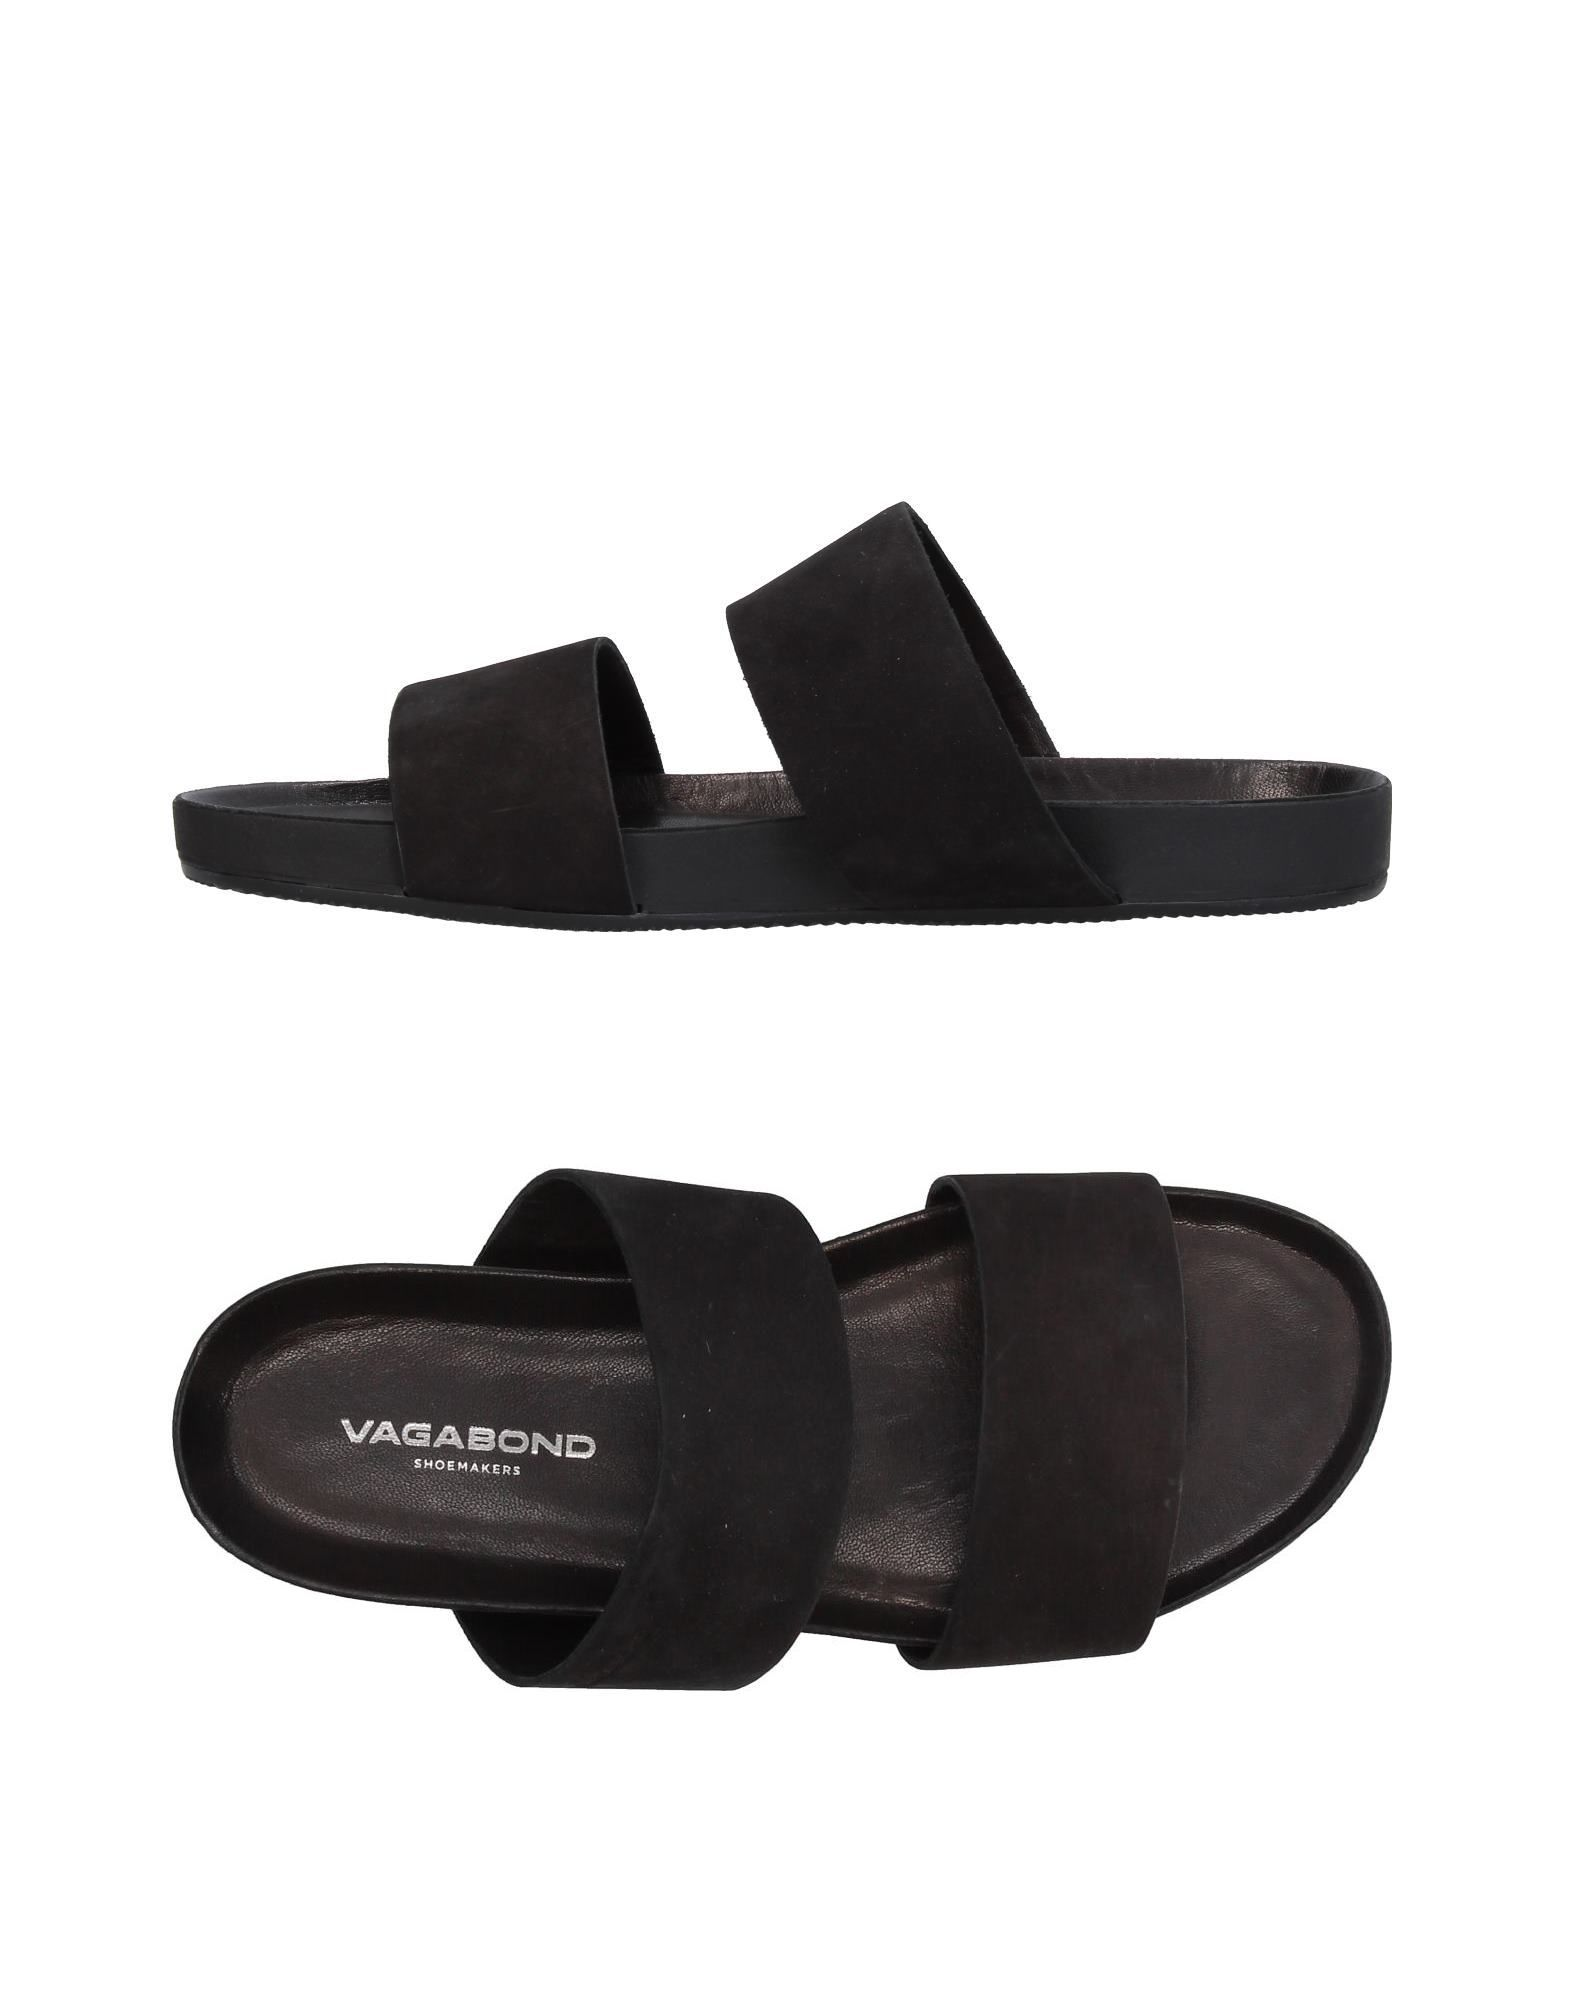 Sandales Vagabond Shoemakers Homme - Sandales Vagabond Shoemakers sur